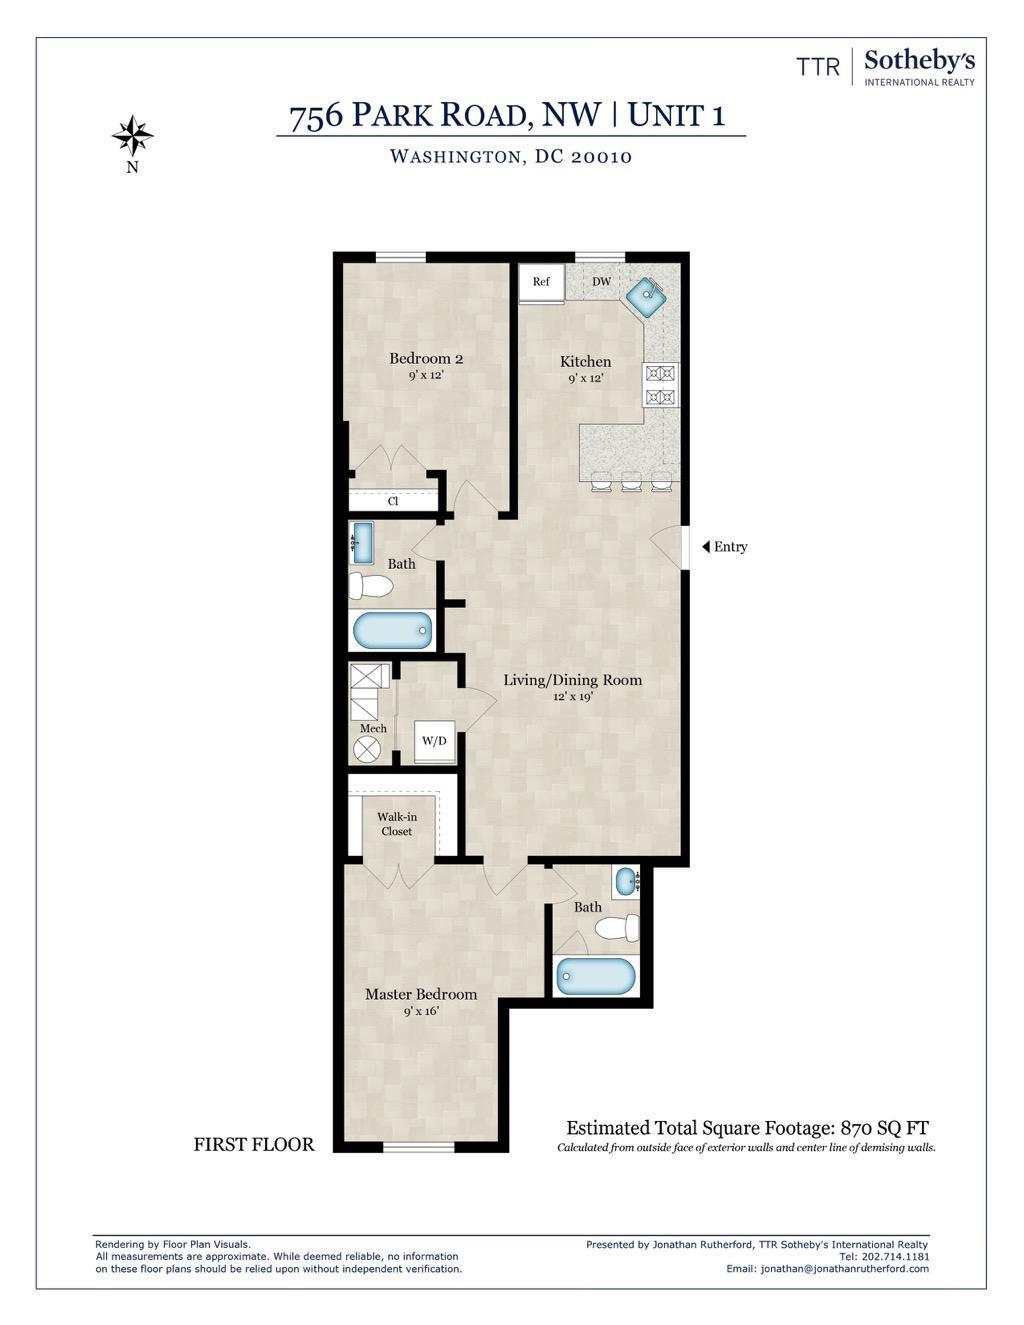 27-Floor Plans for Unit 1.jpg